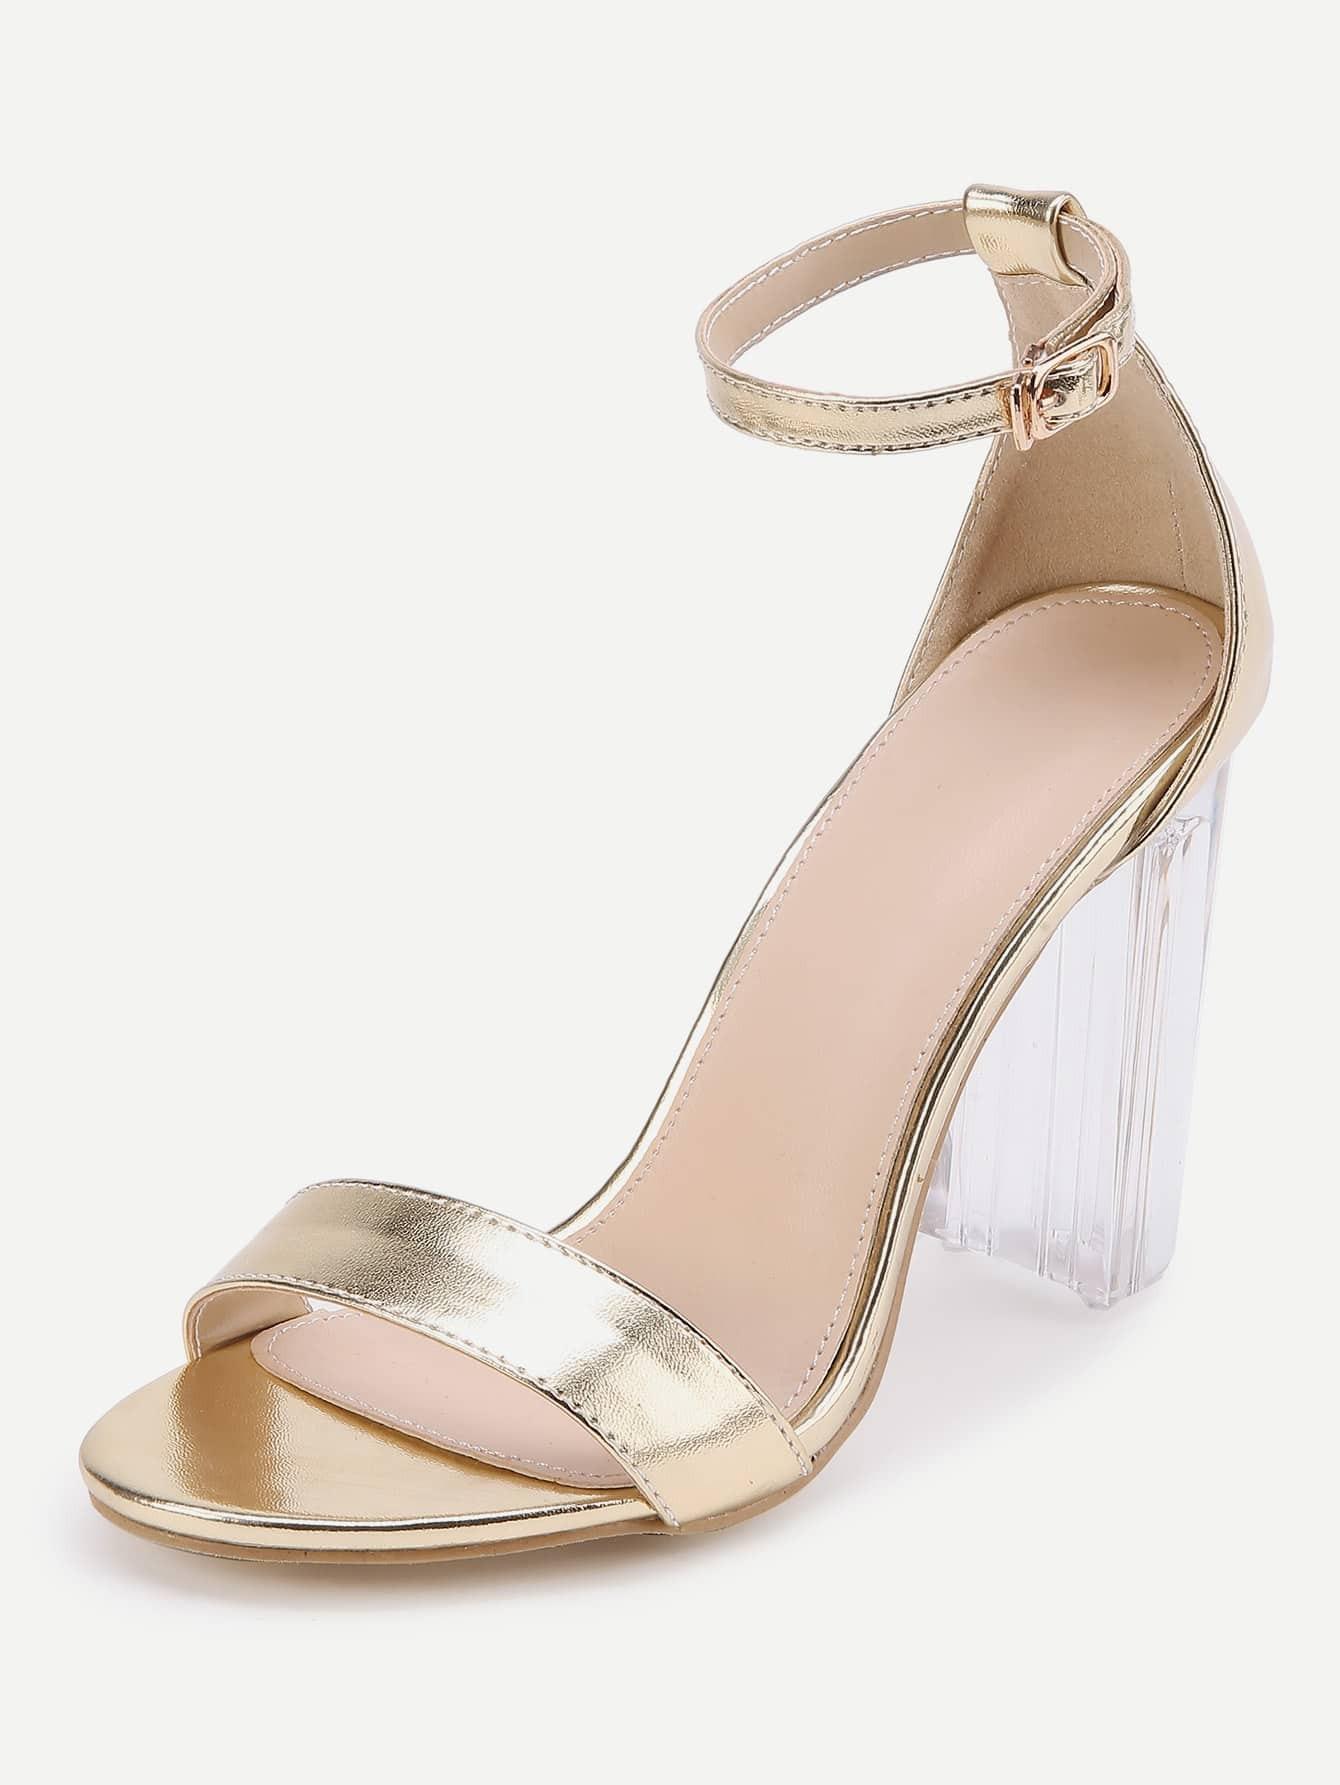 shoes170404812_2